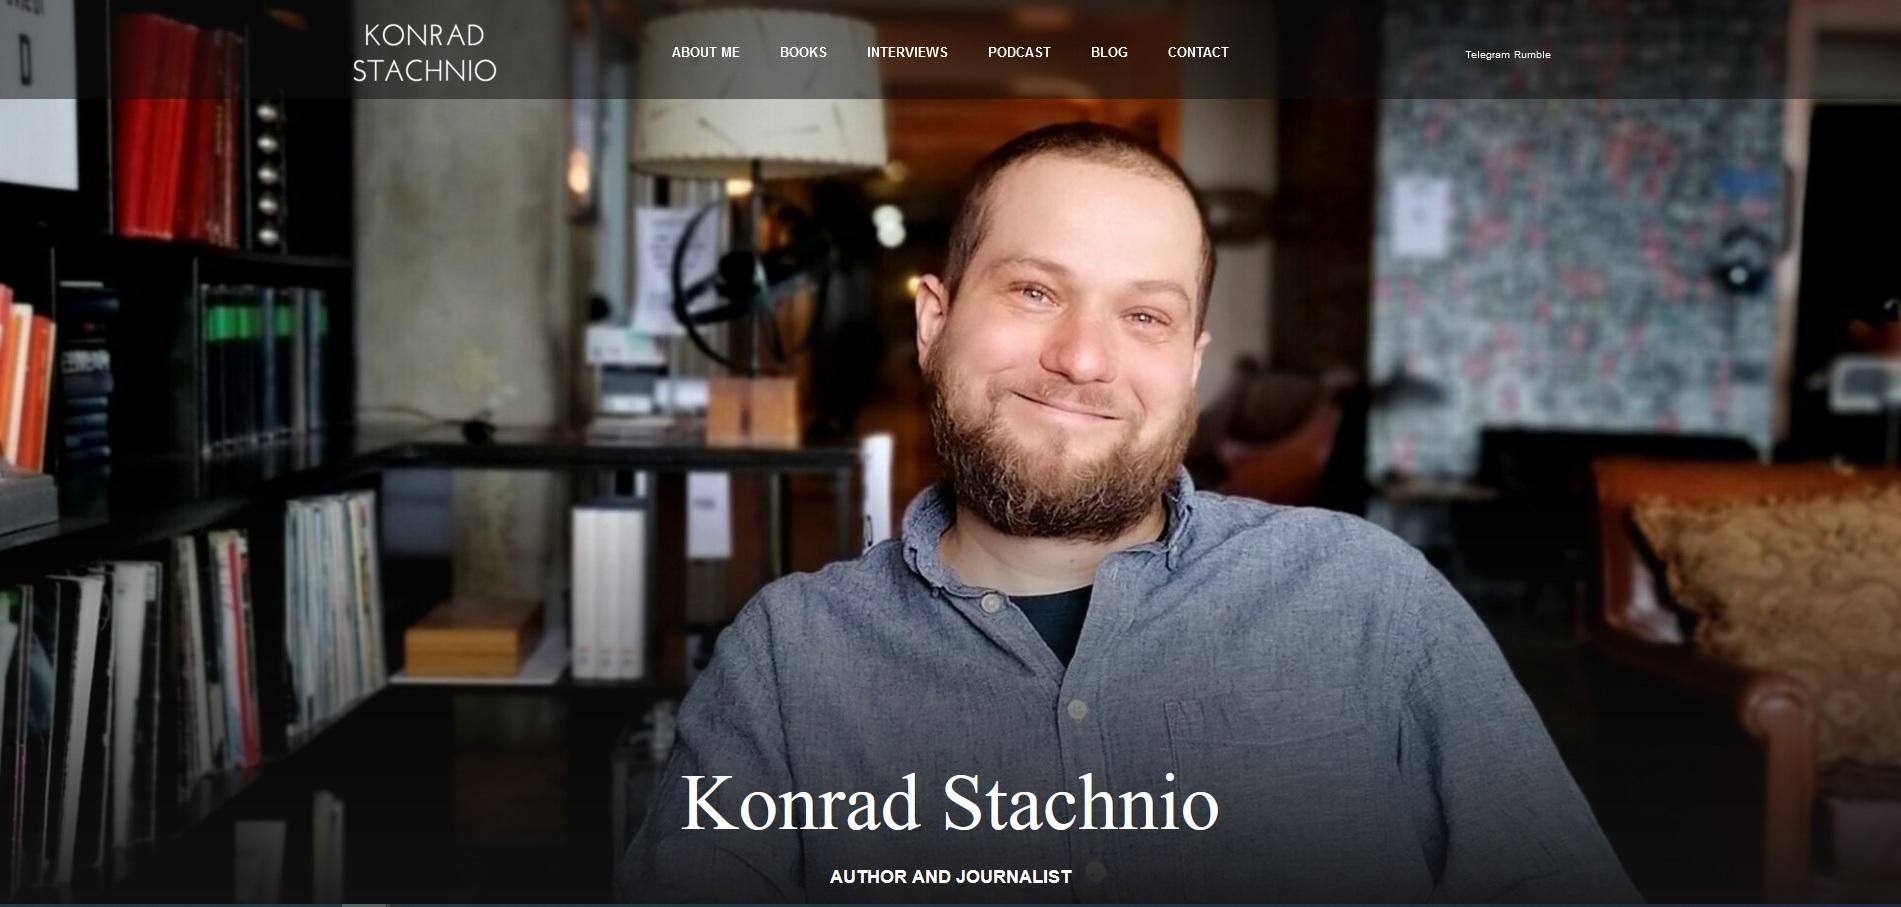 programistadowynajecia.pl strona konradstachnio